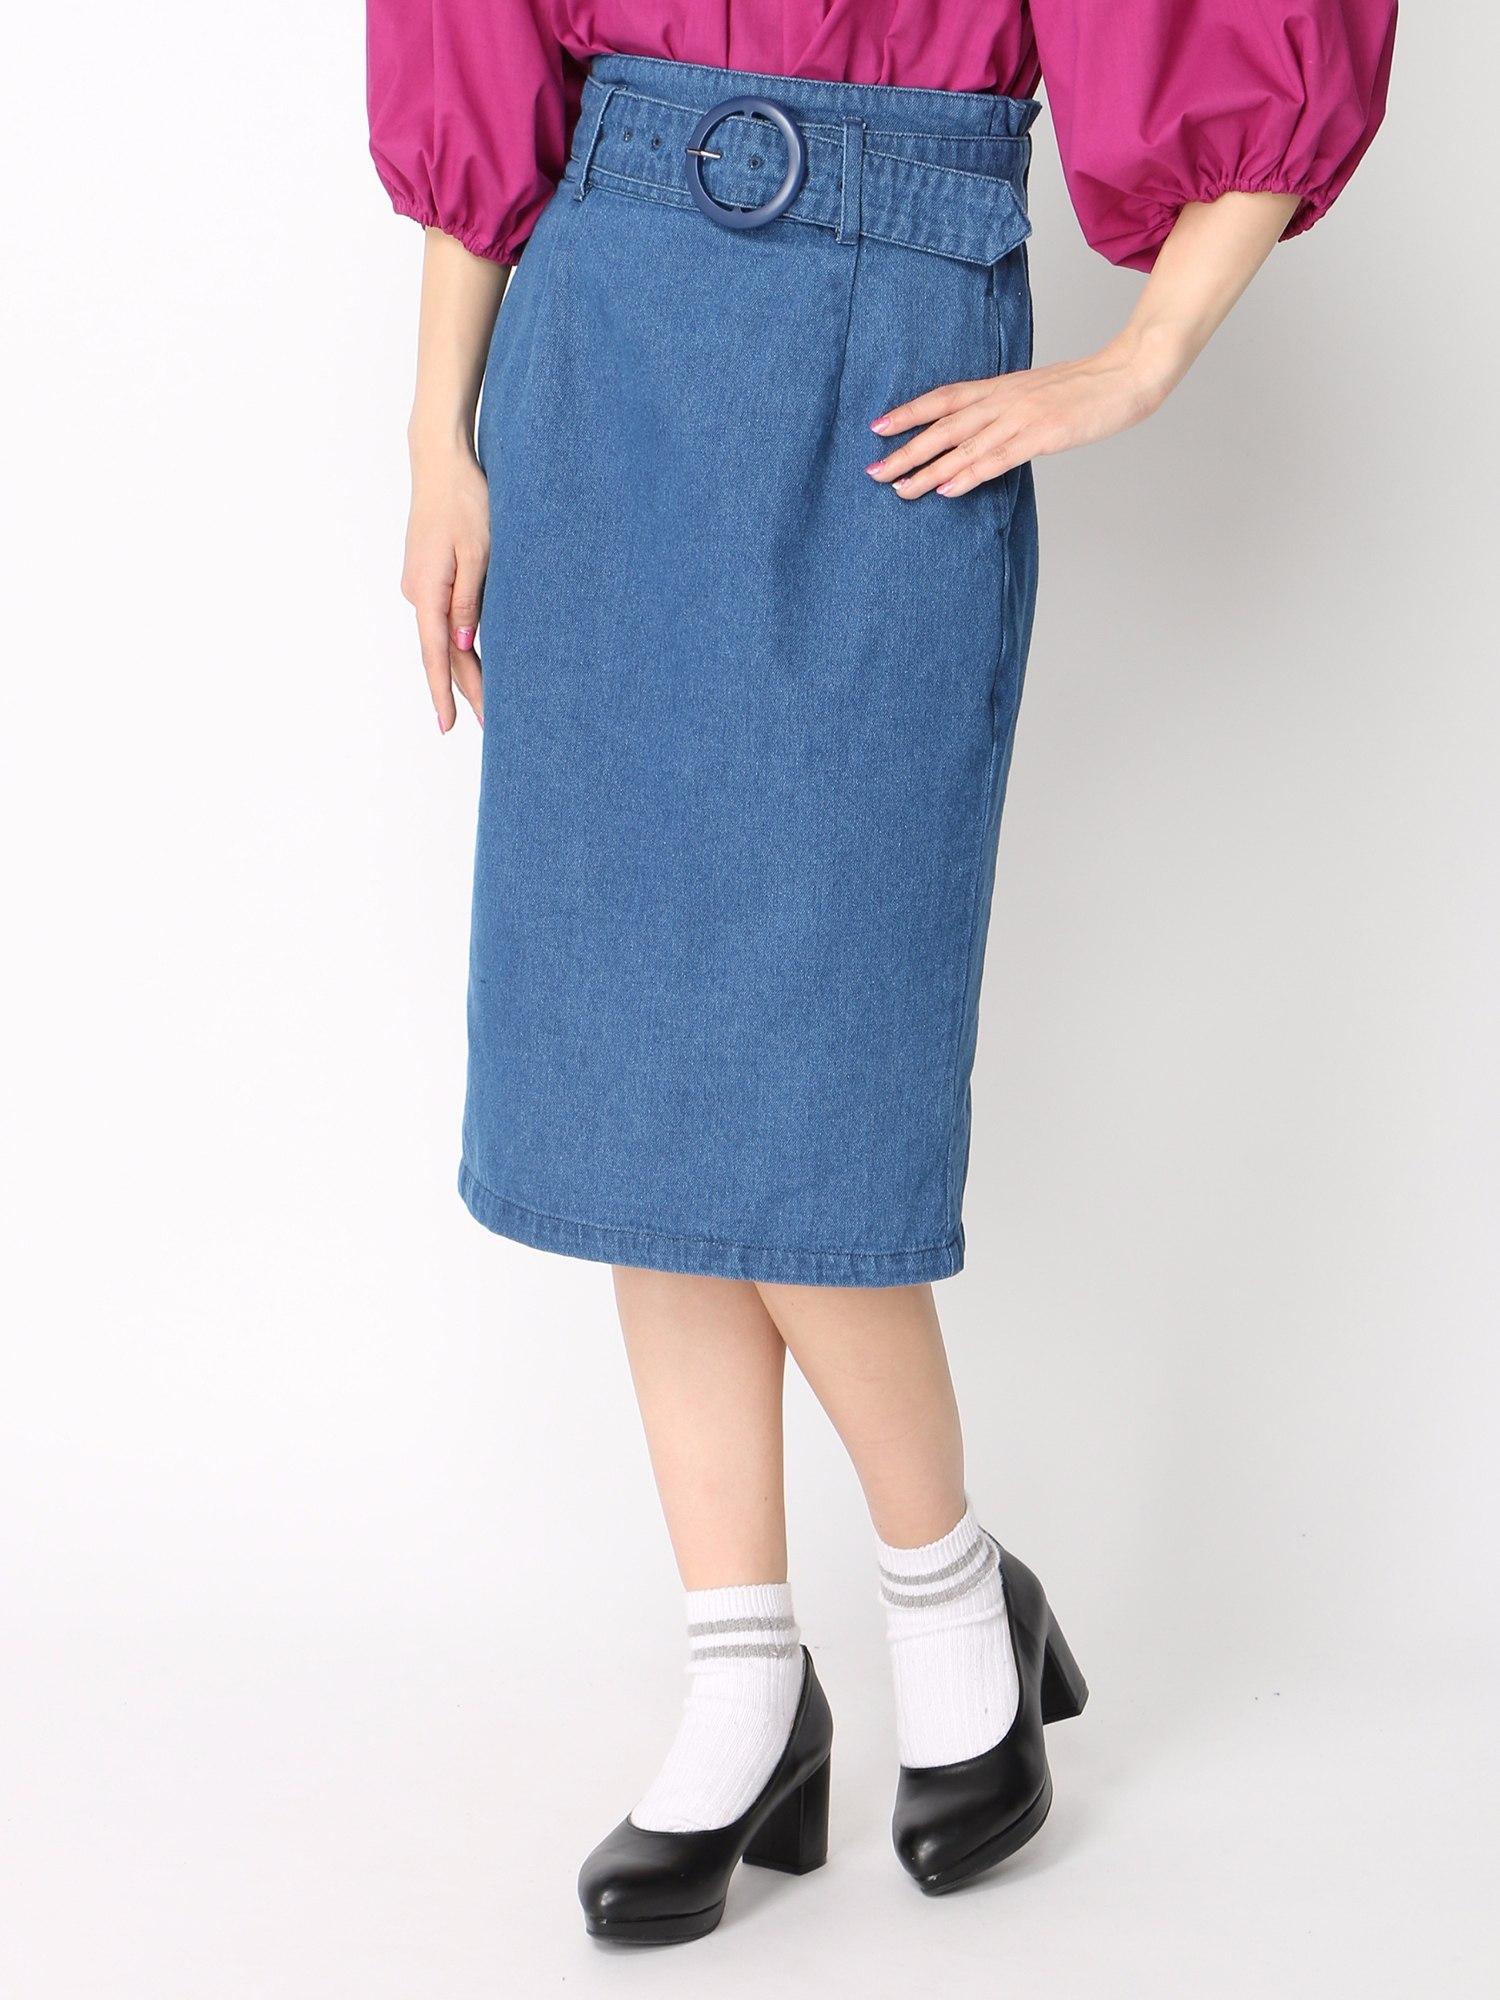 WEGO/ウエストベルトタイトスカート